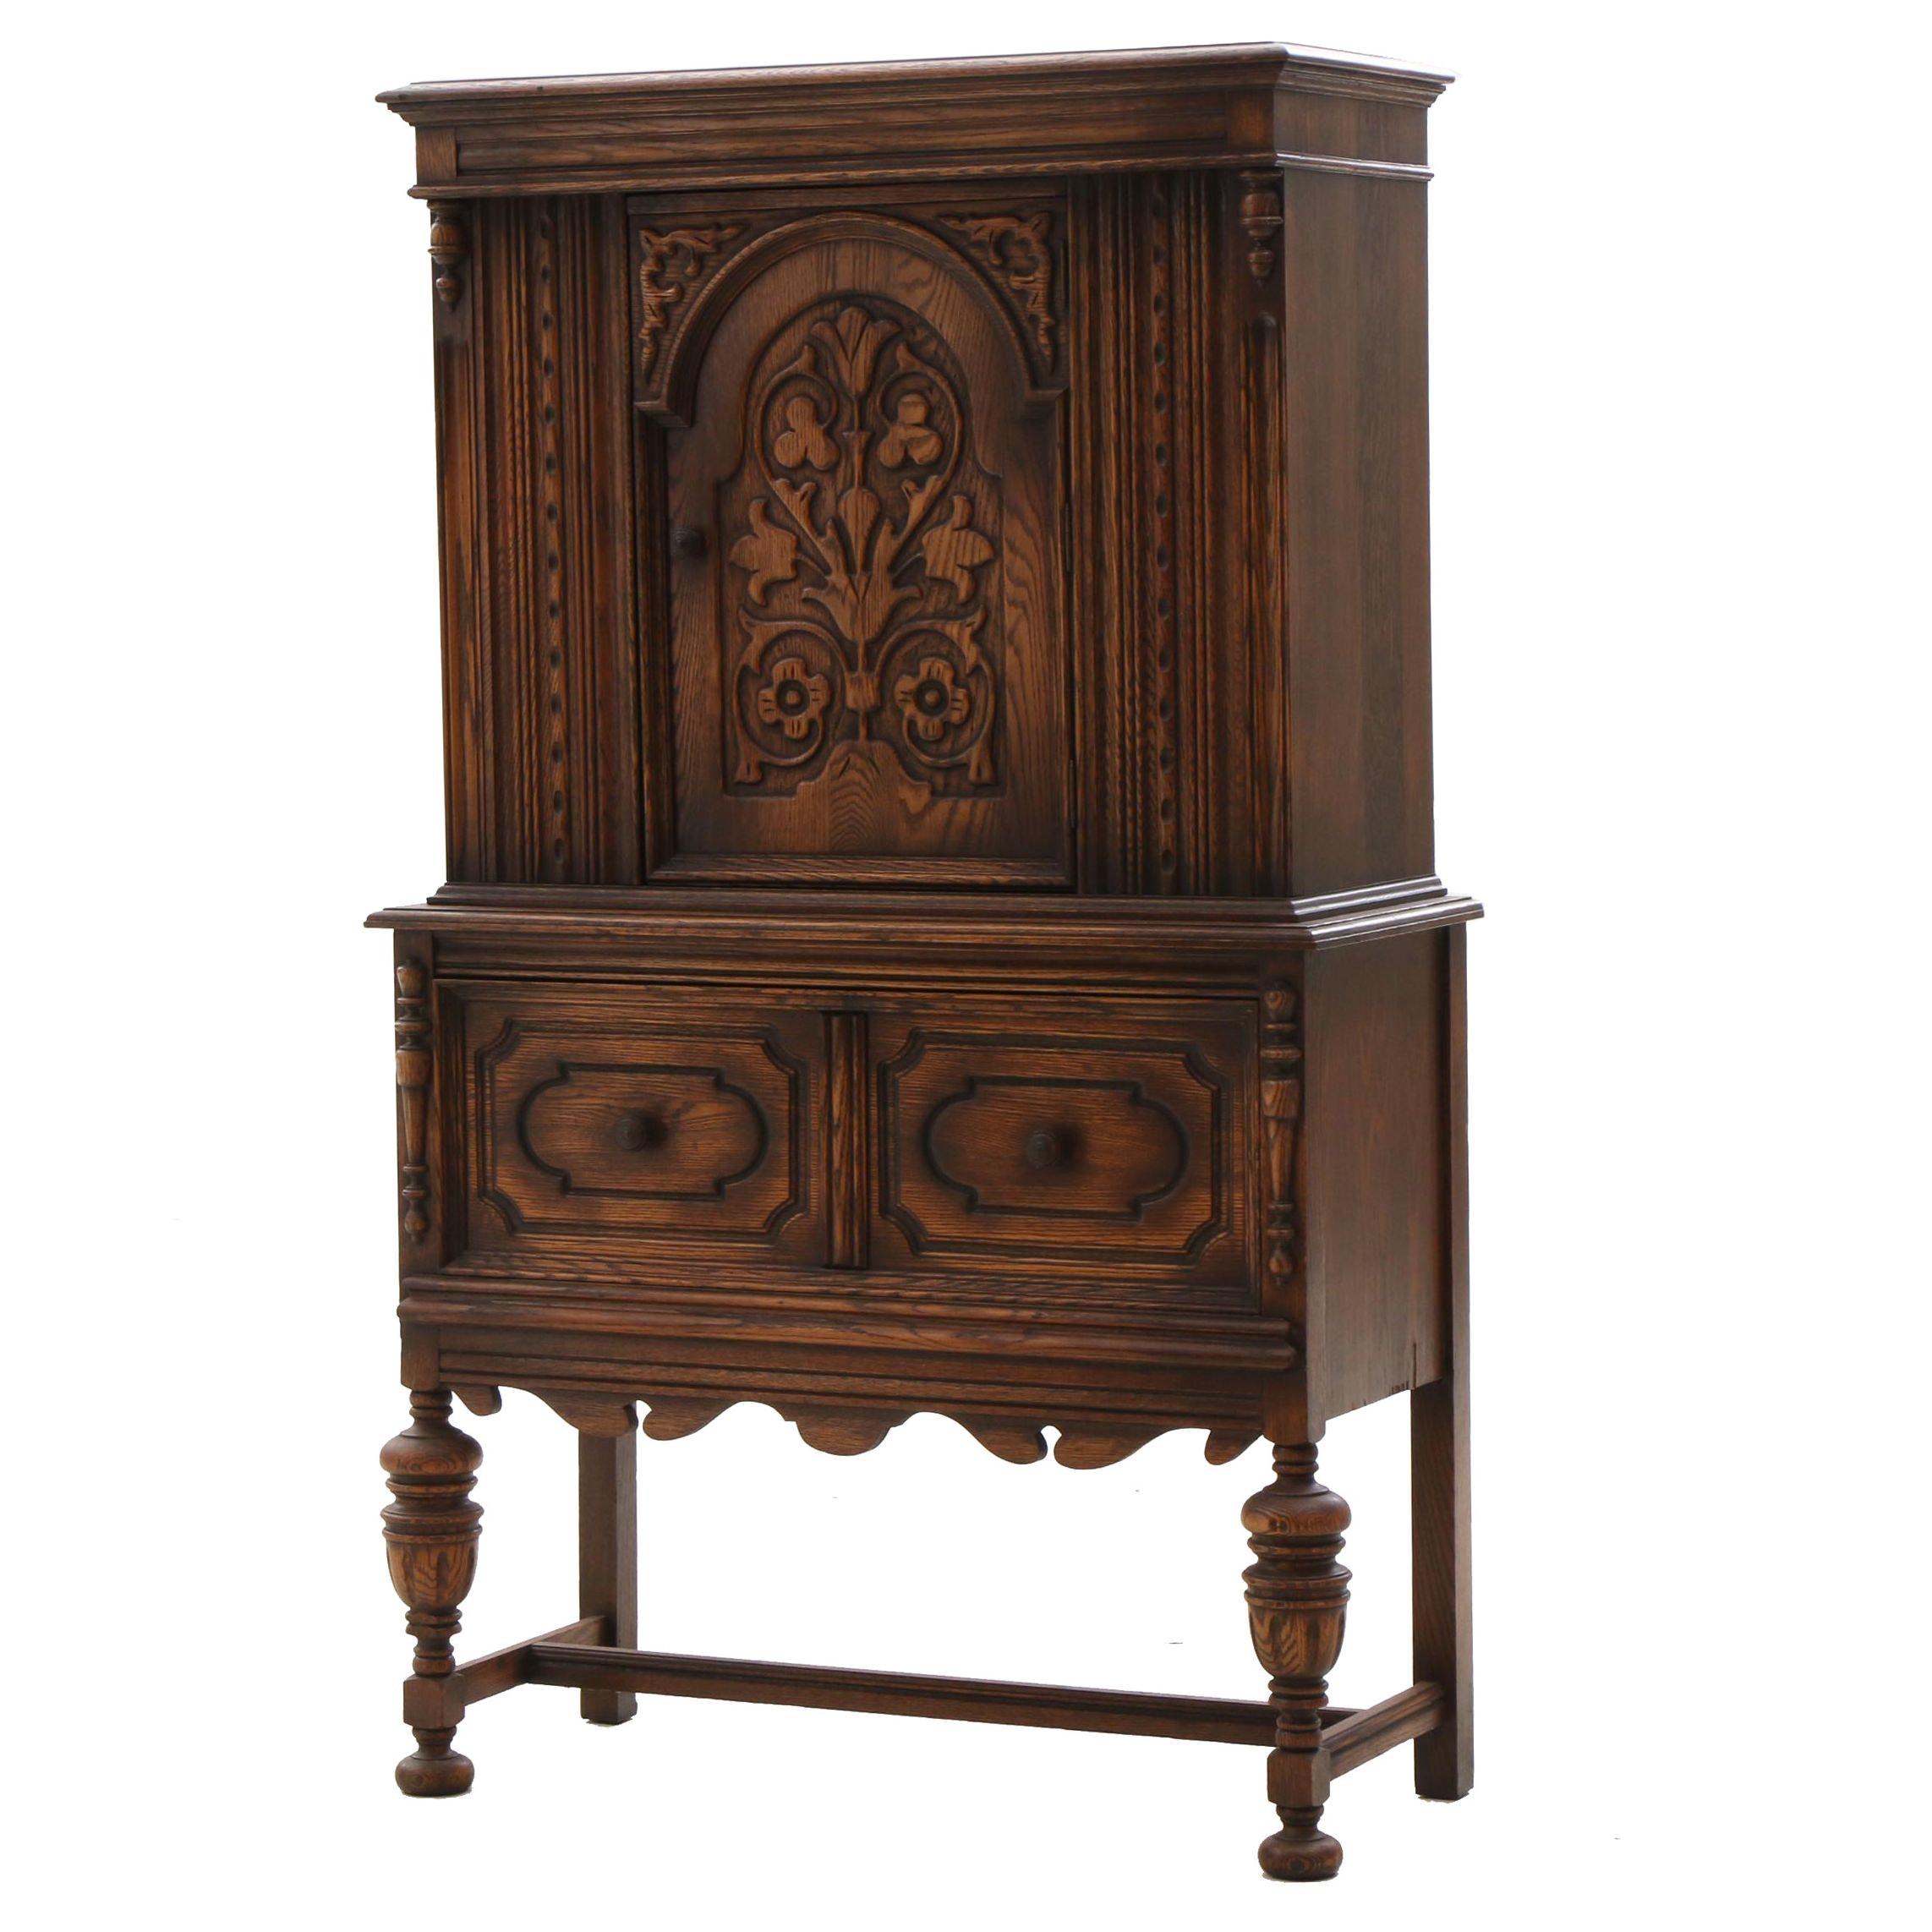 Jacobean Revival Style Oak Buffet Cabinet